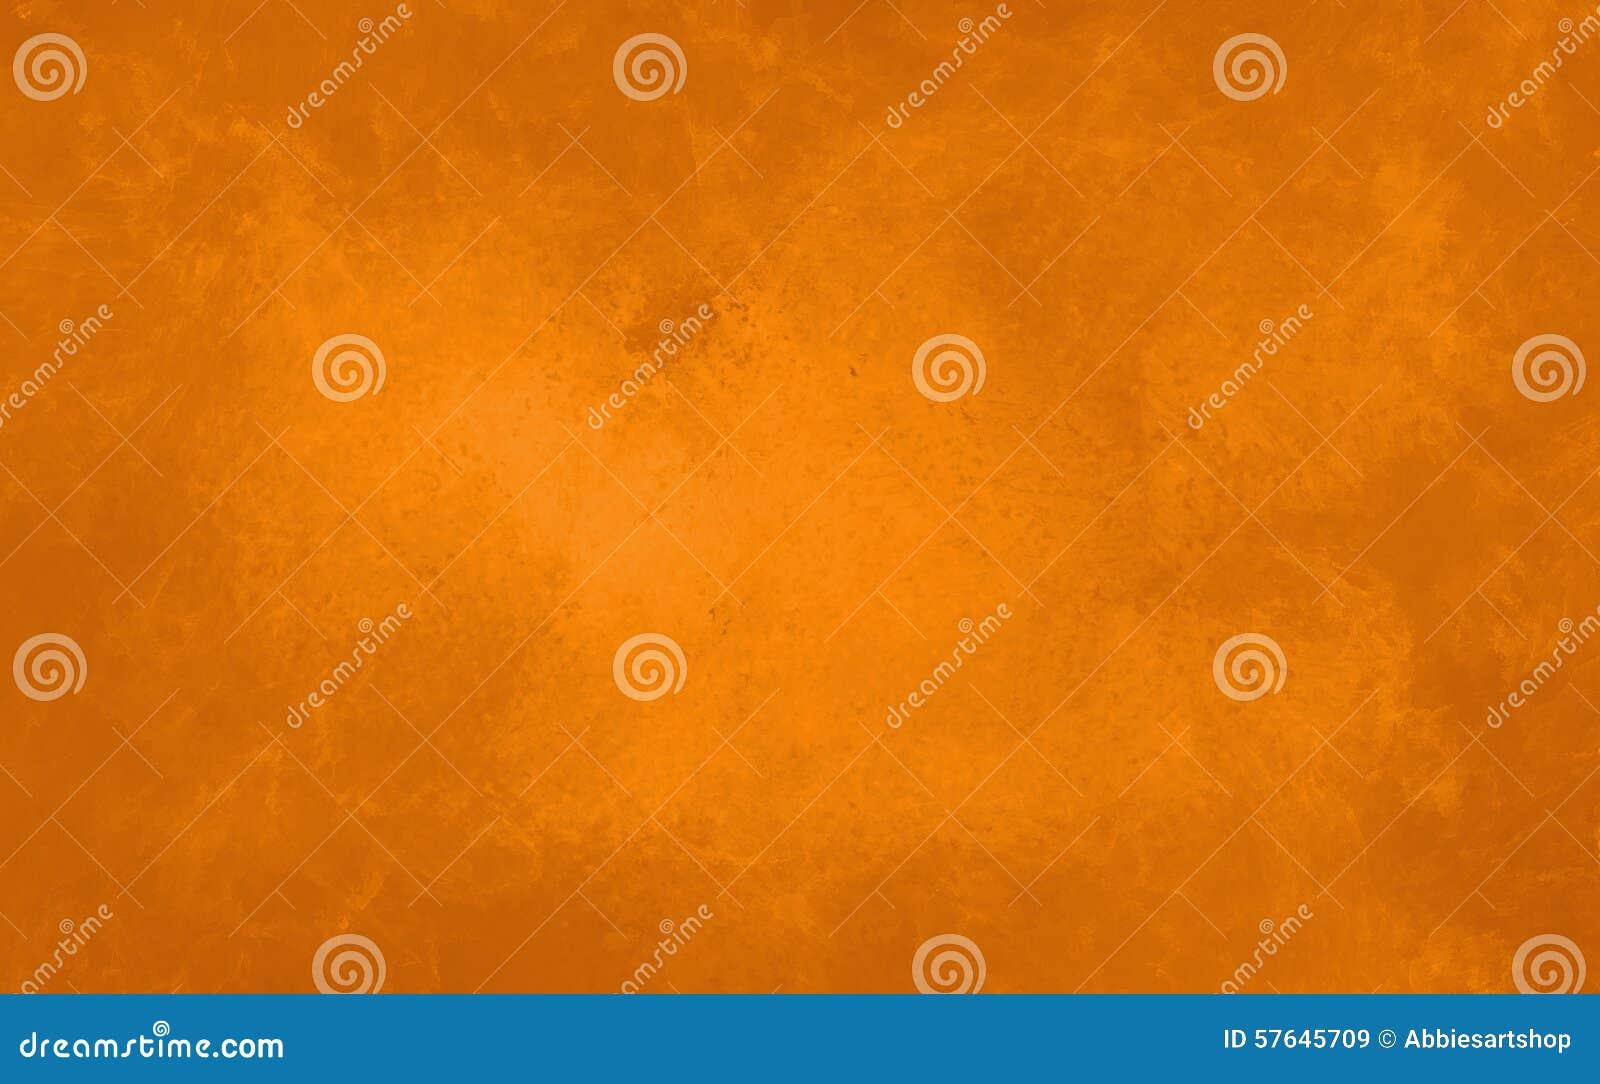 Marmer oranje achtergrond in de warme kleuren van de herfsthalloween